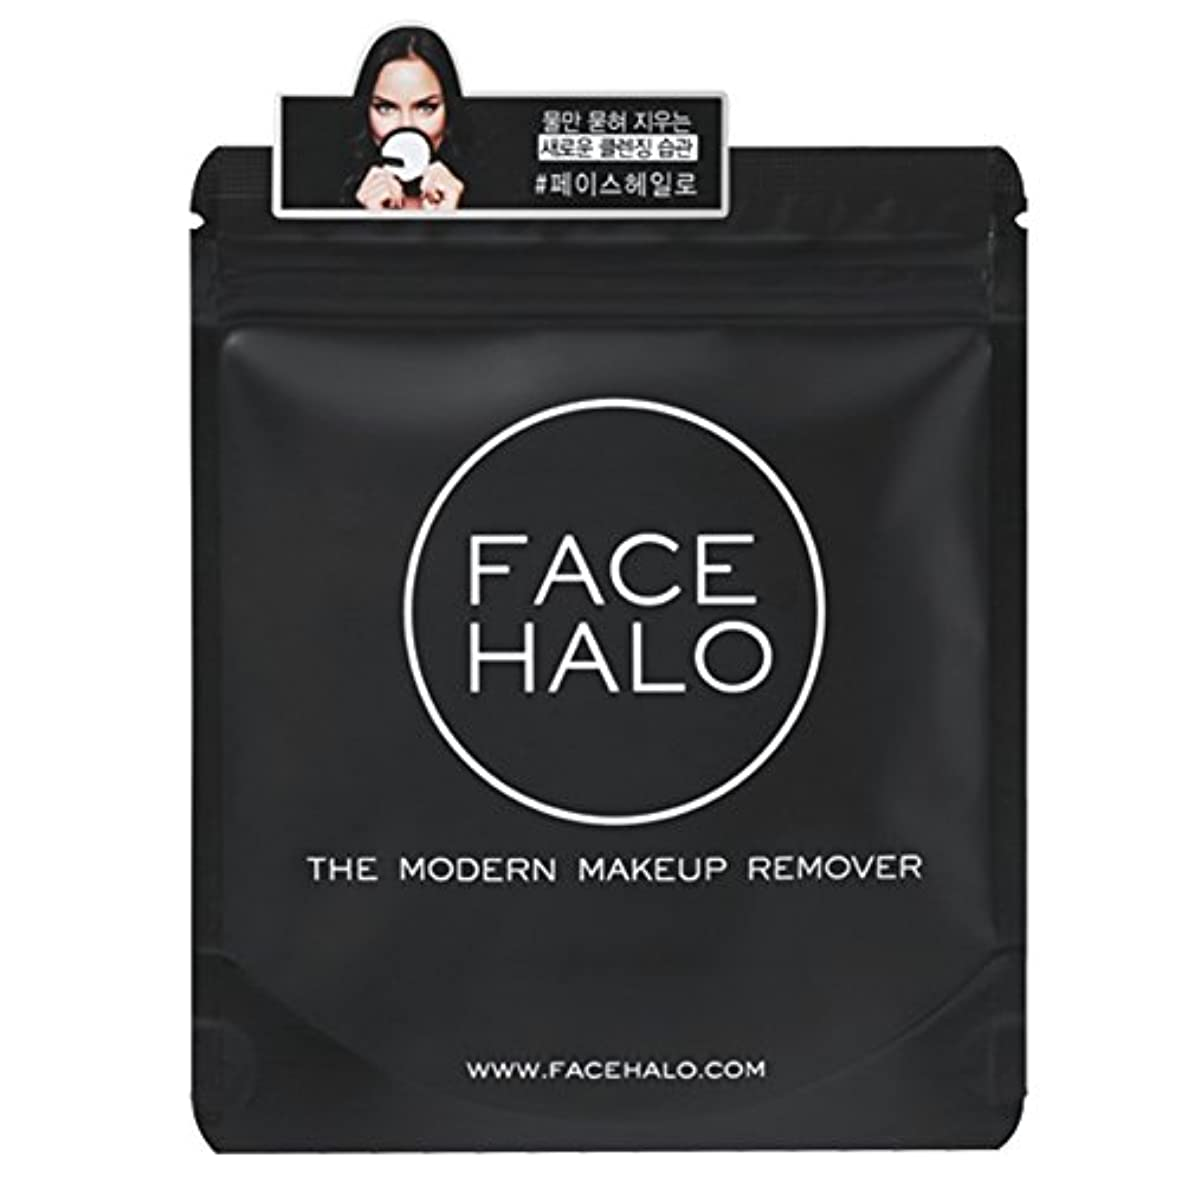 ジャンクションから聞くミニ(顔ハロー) FACE HALO makeup remover, using water only 1 pieceメイクアップリムーバー、水のみ使用 1枚(並行輸入品) [並行輸入品]